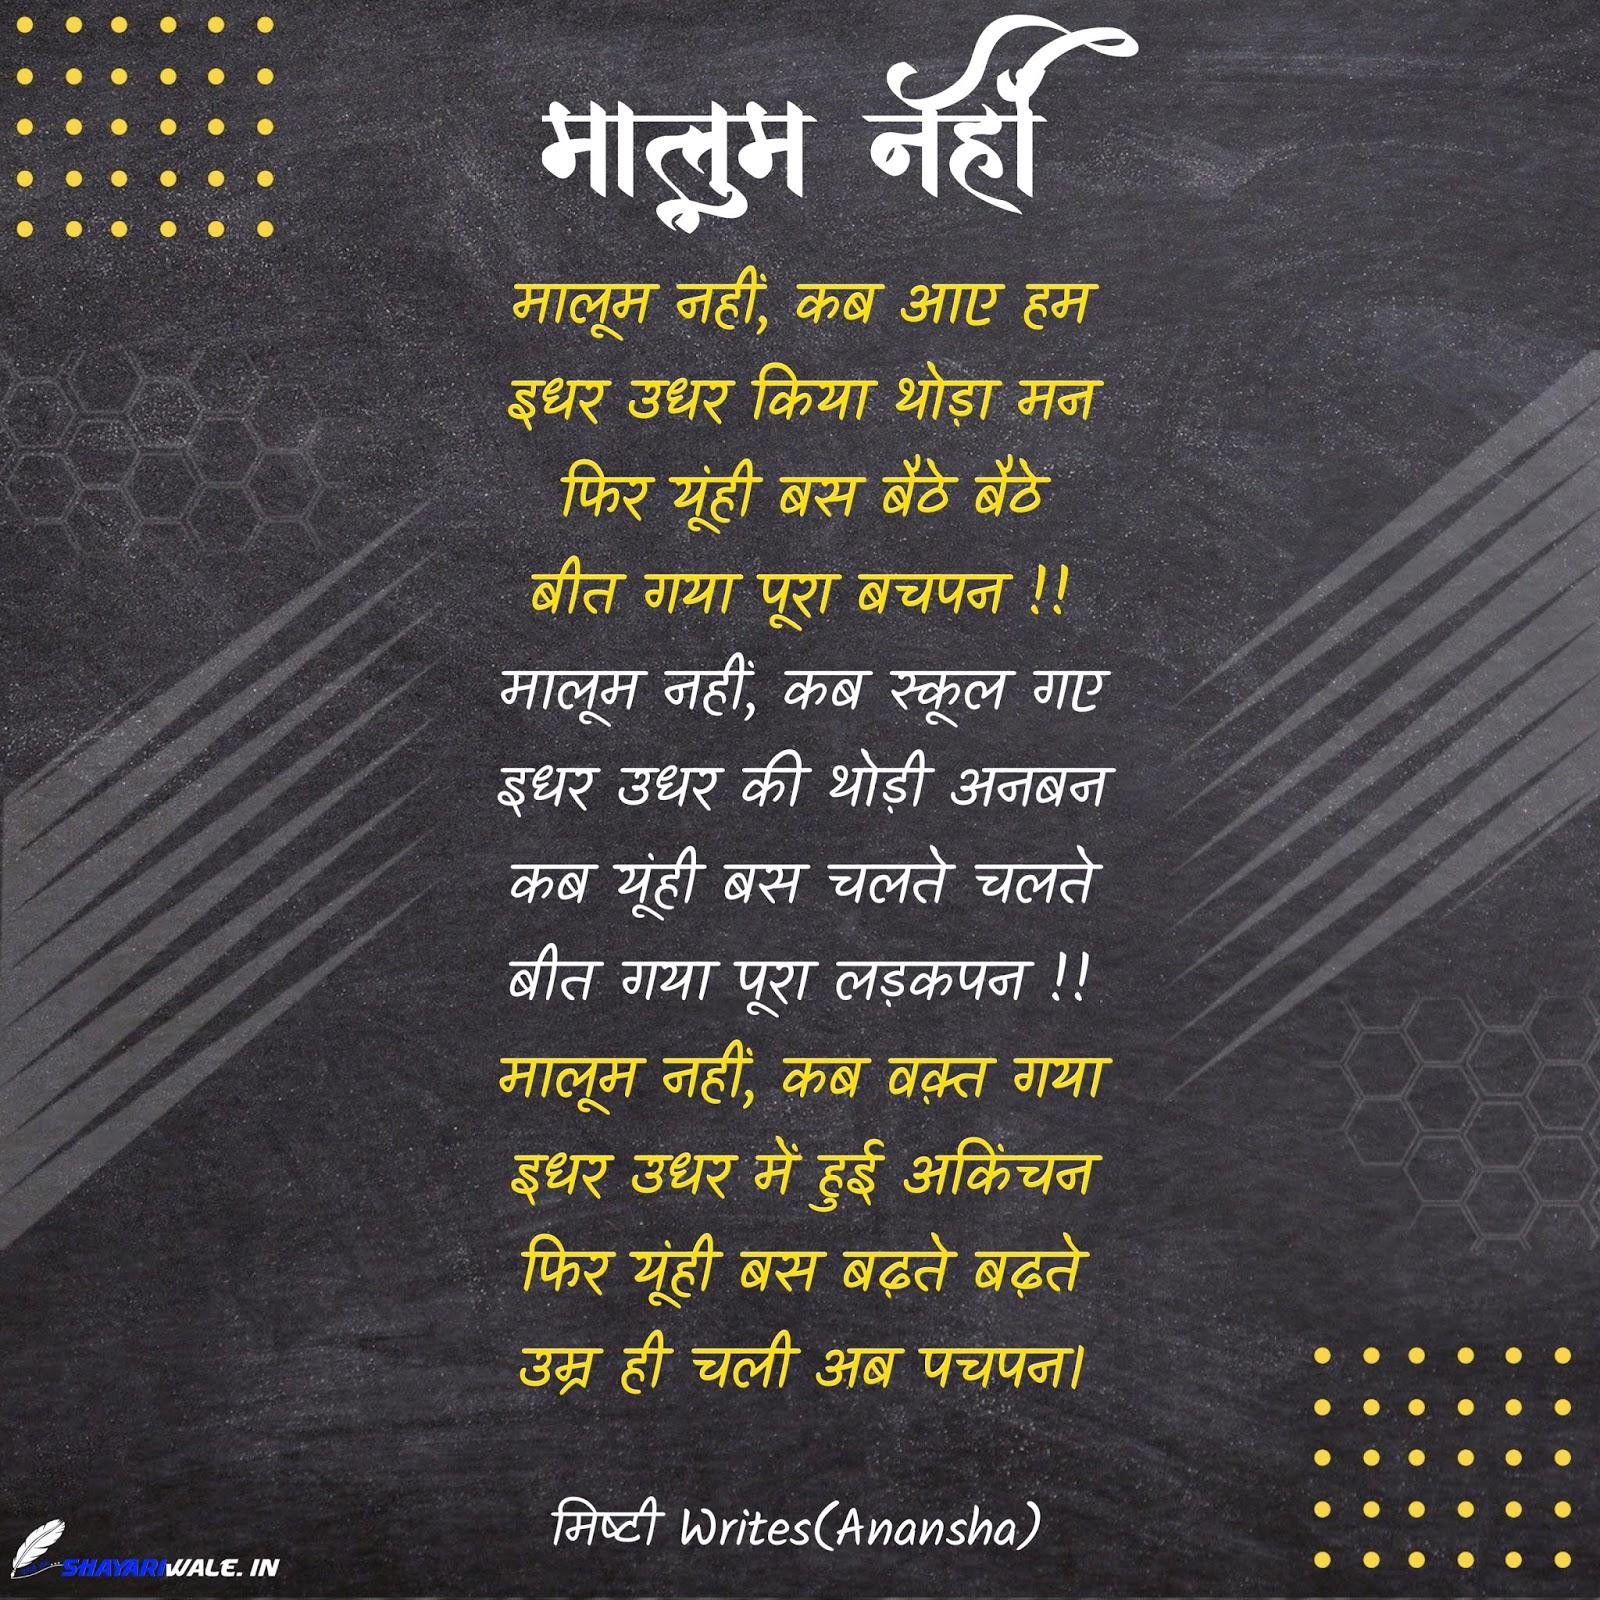 shayariwale.in